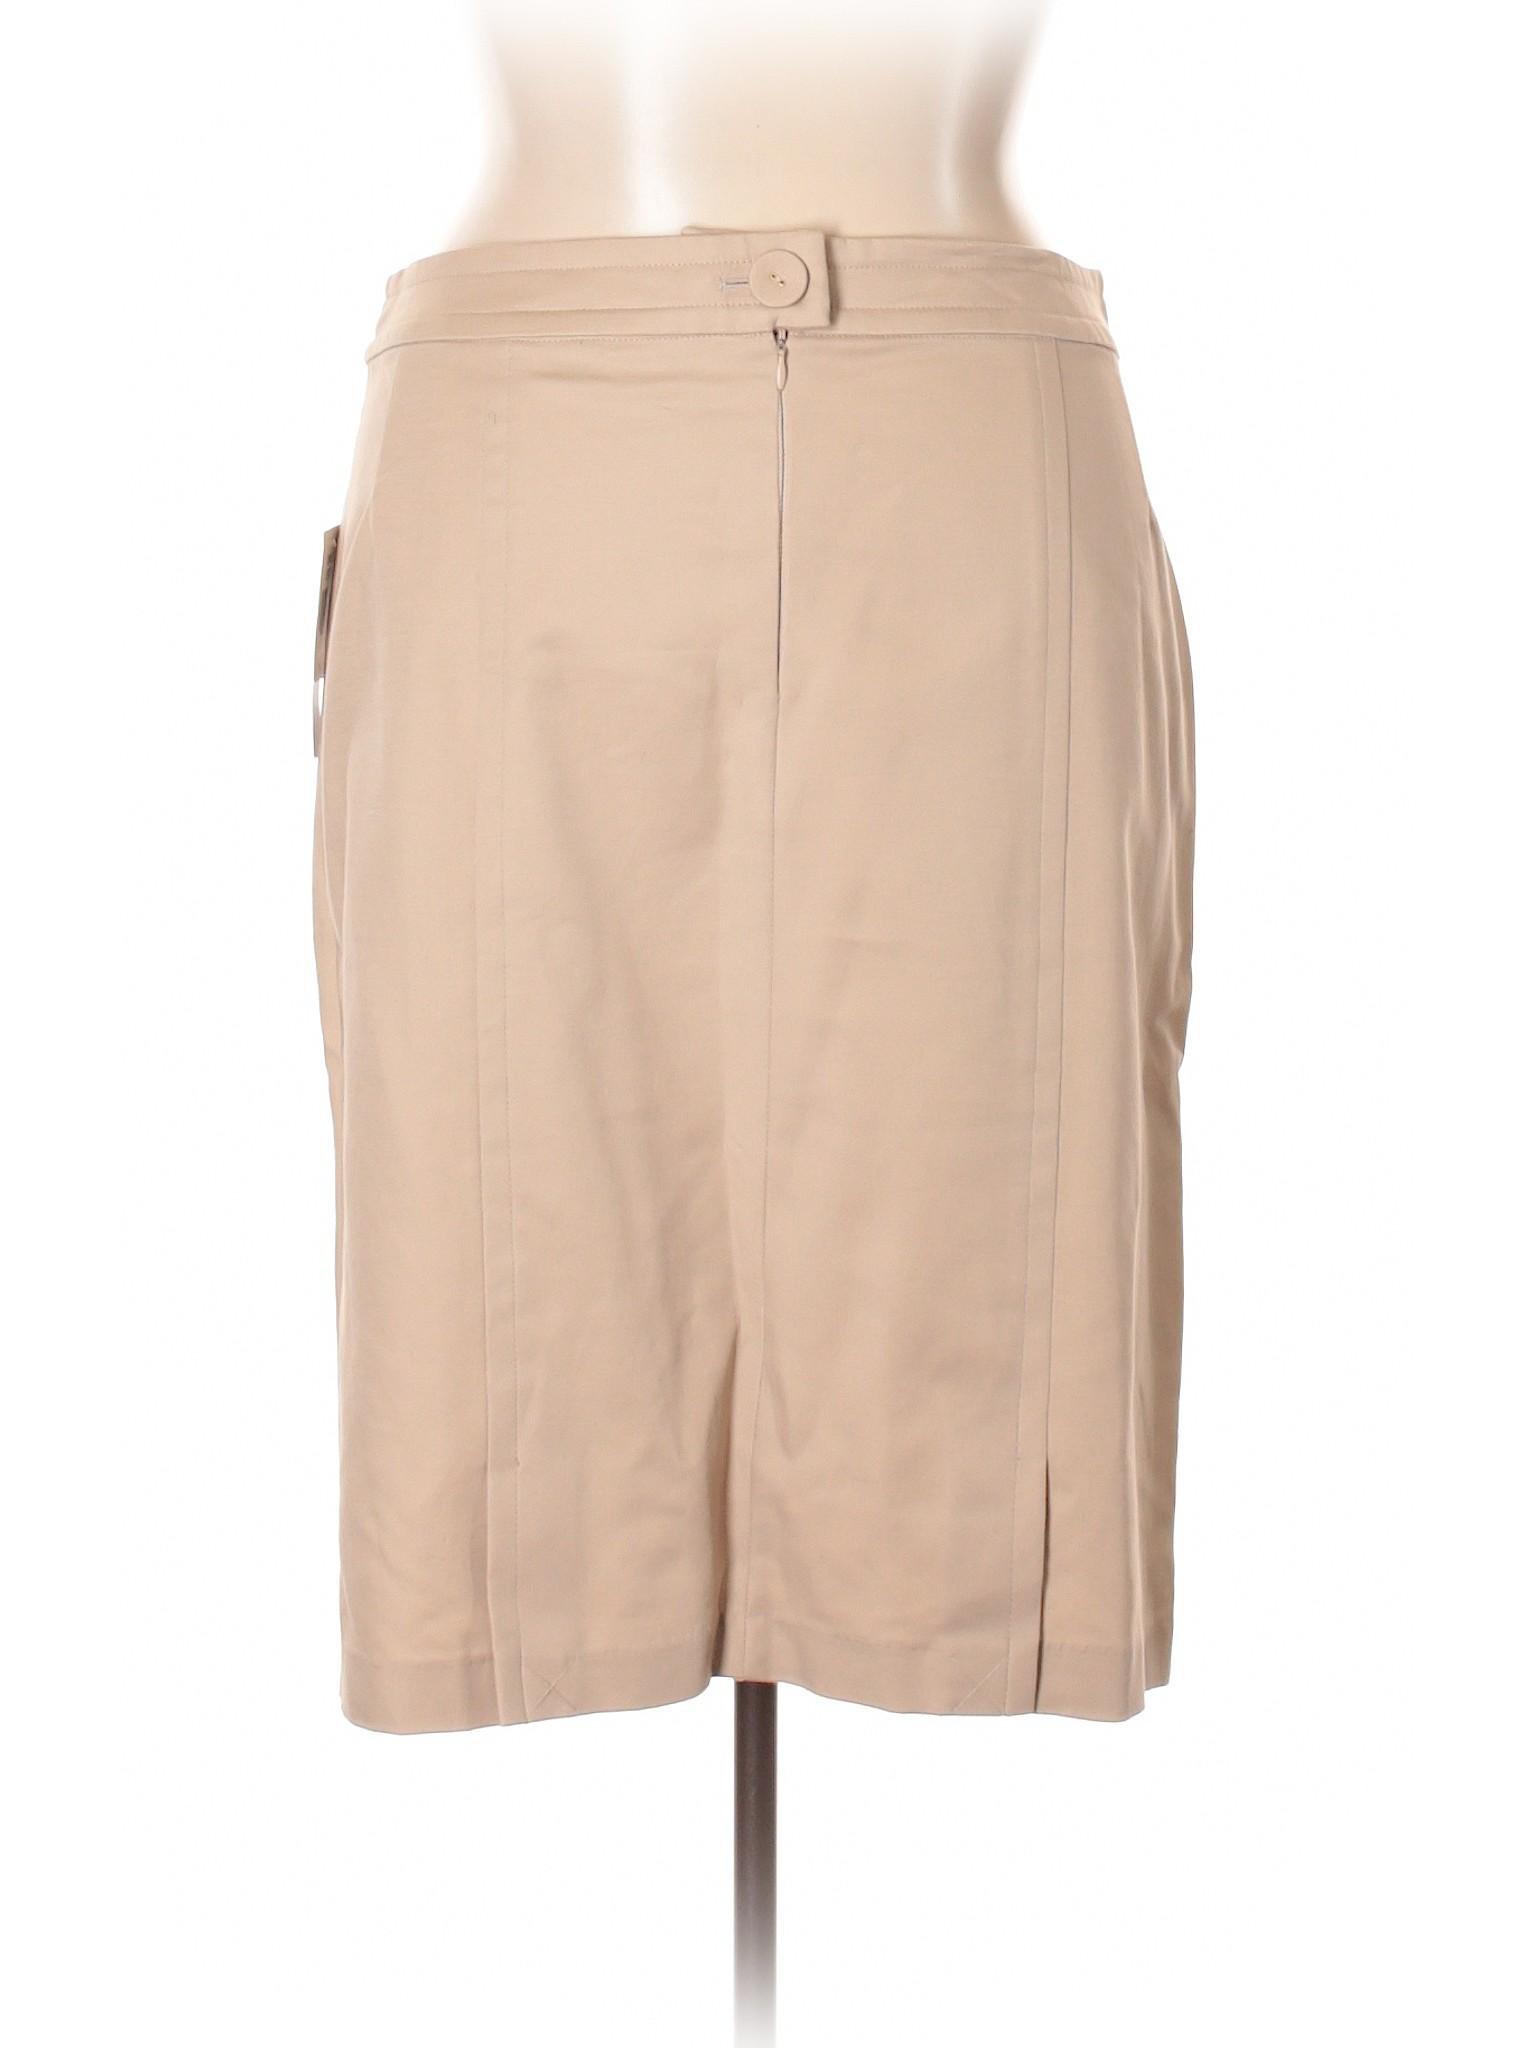 Skirt Boutique Skirt Casual Boutique Boutique Casual Casual Boutique Skirt aFPnAPx8